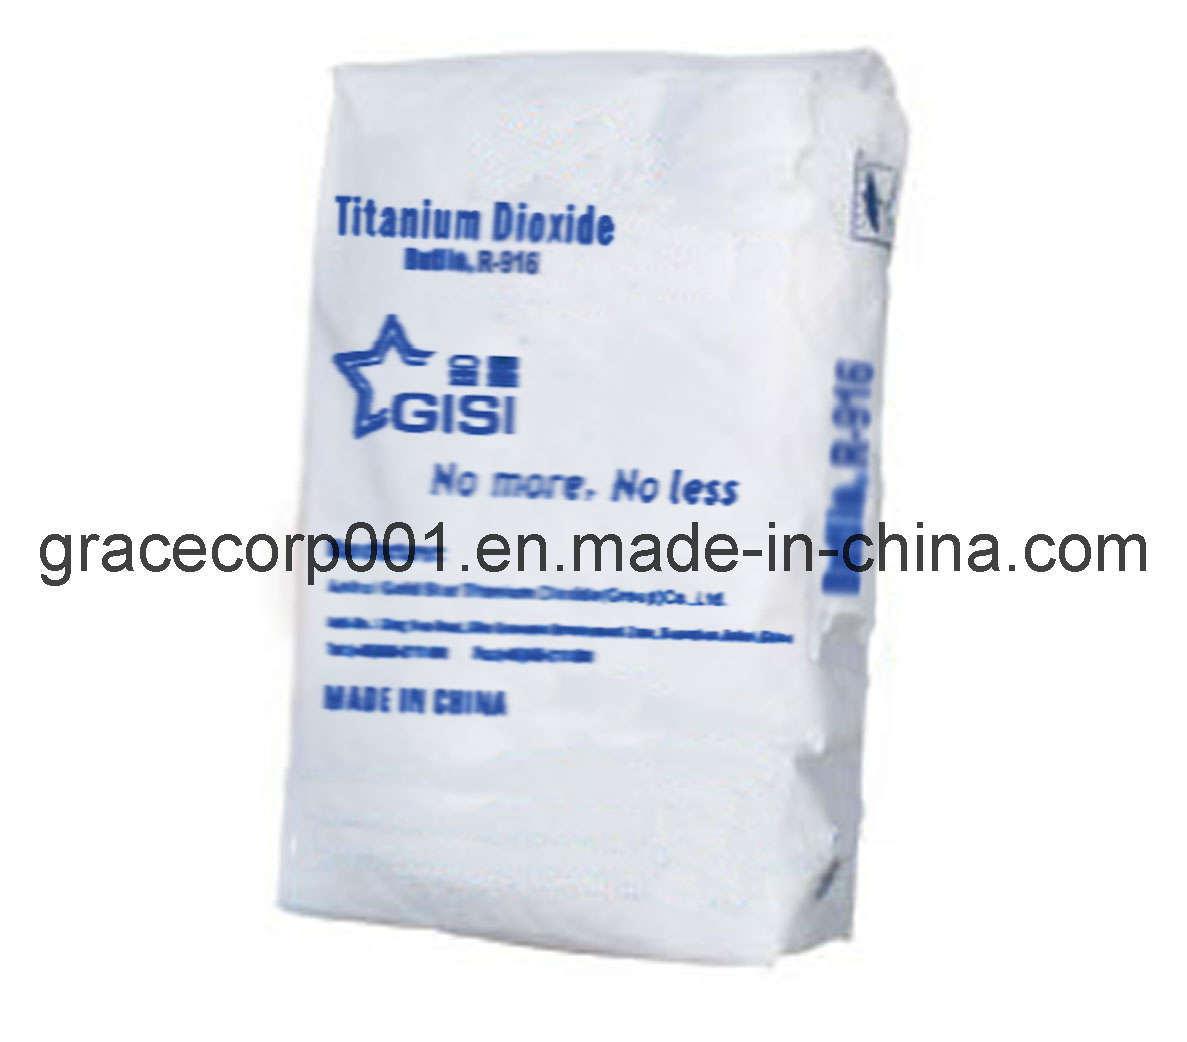 Titanium Dioxide (R-916)